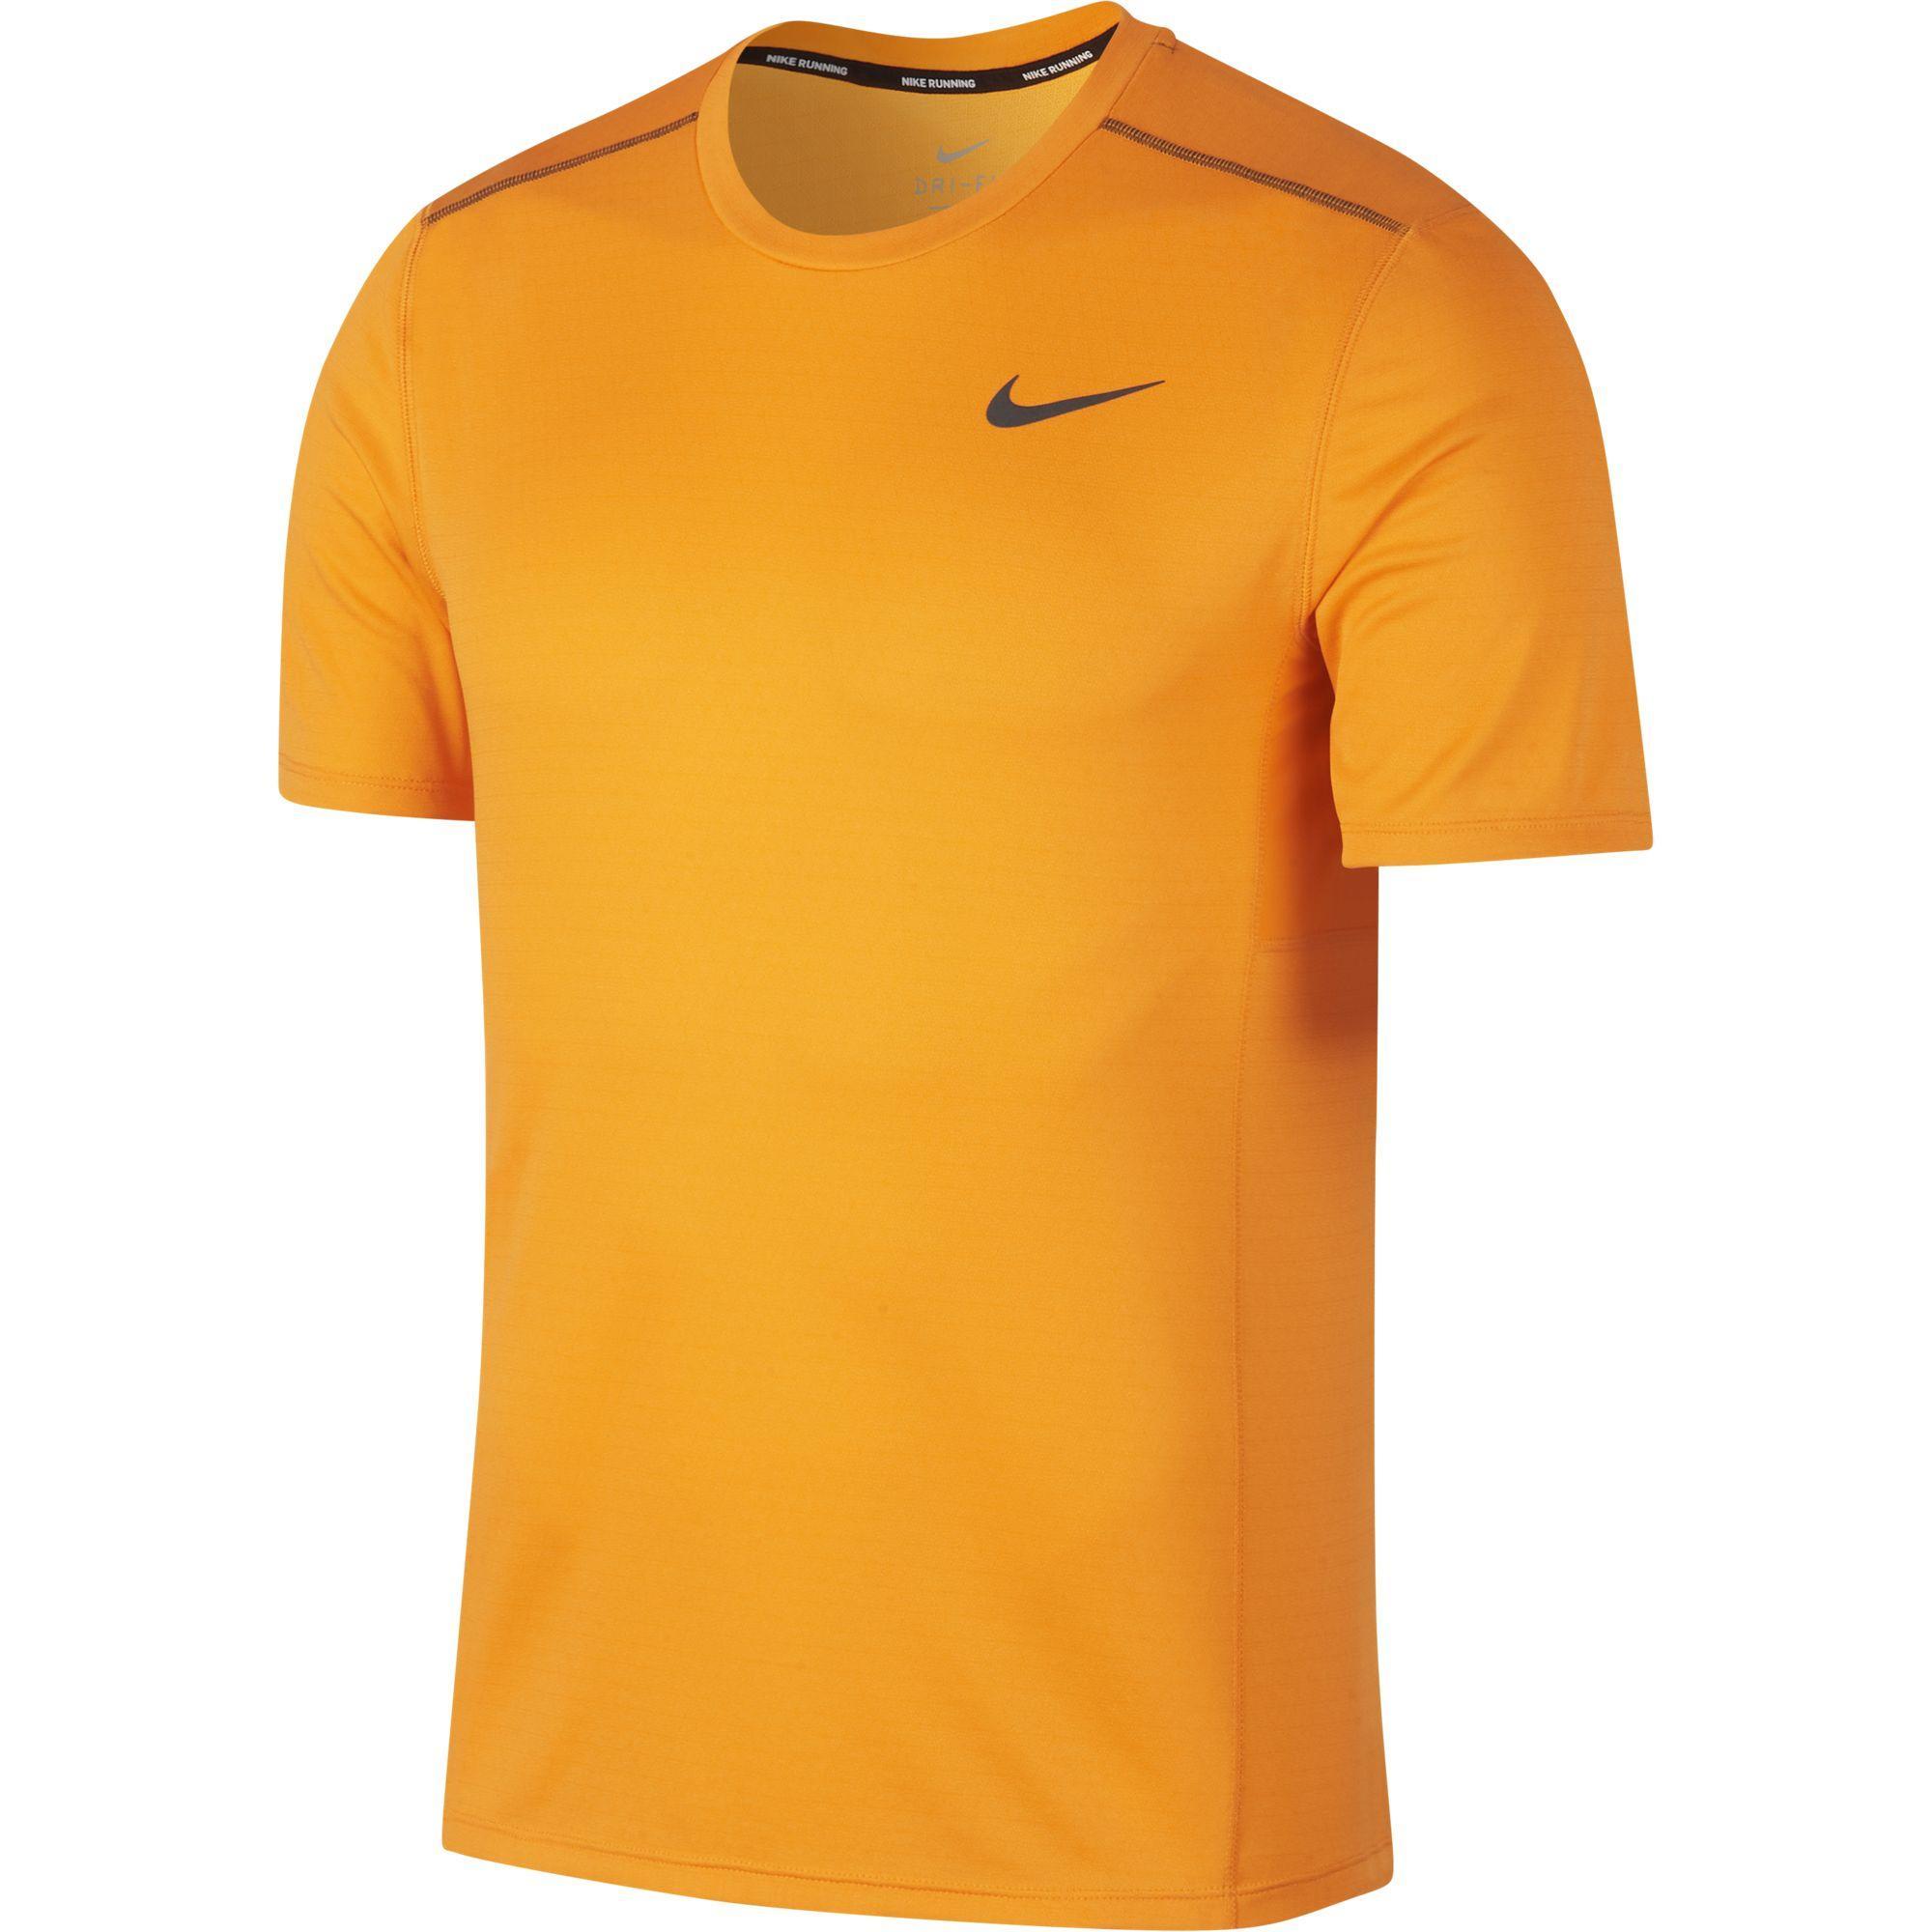 Nike T-shirt Miler